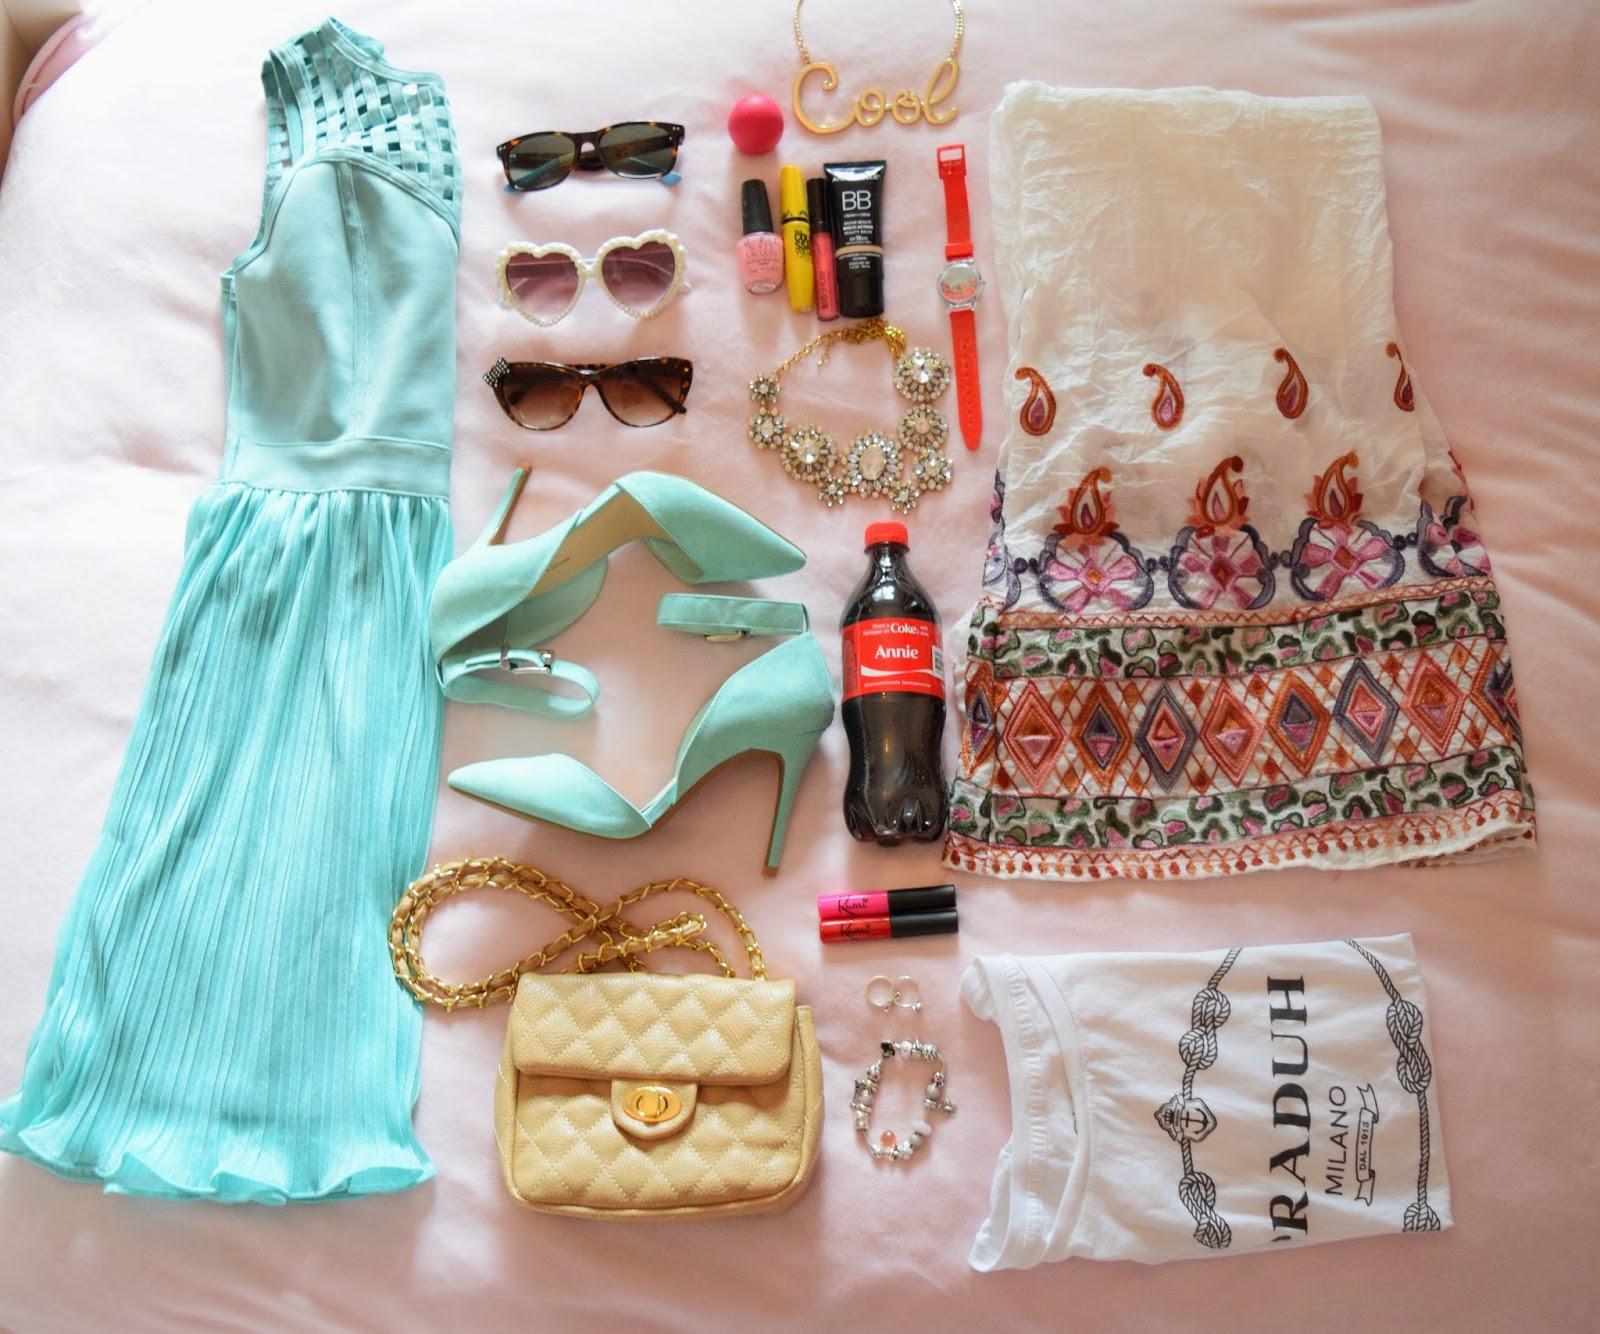 fabincblog, annie robinson, travel, miami south beach